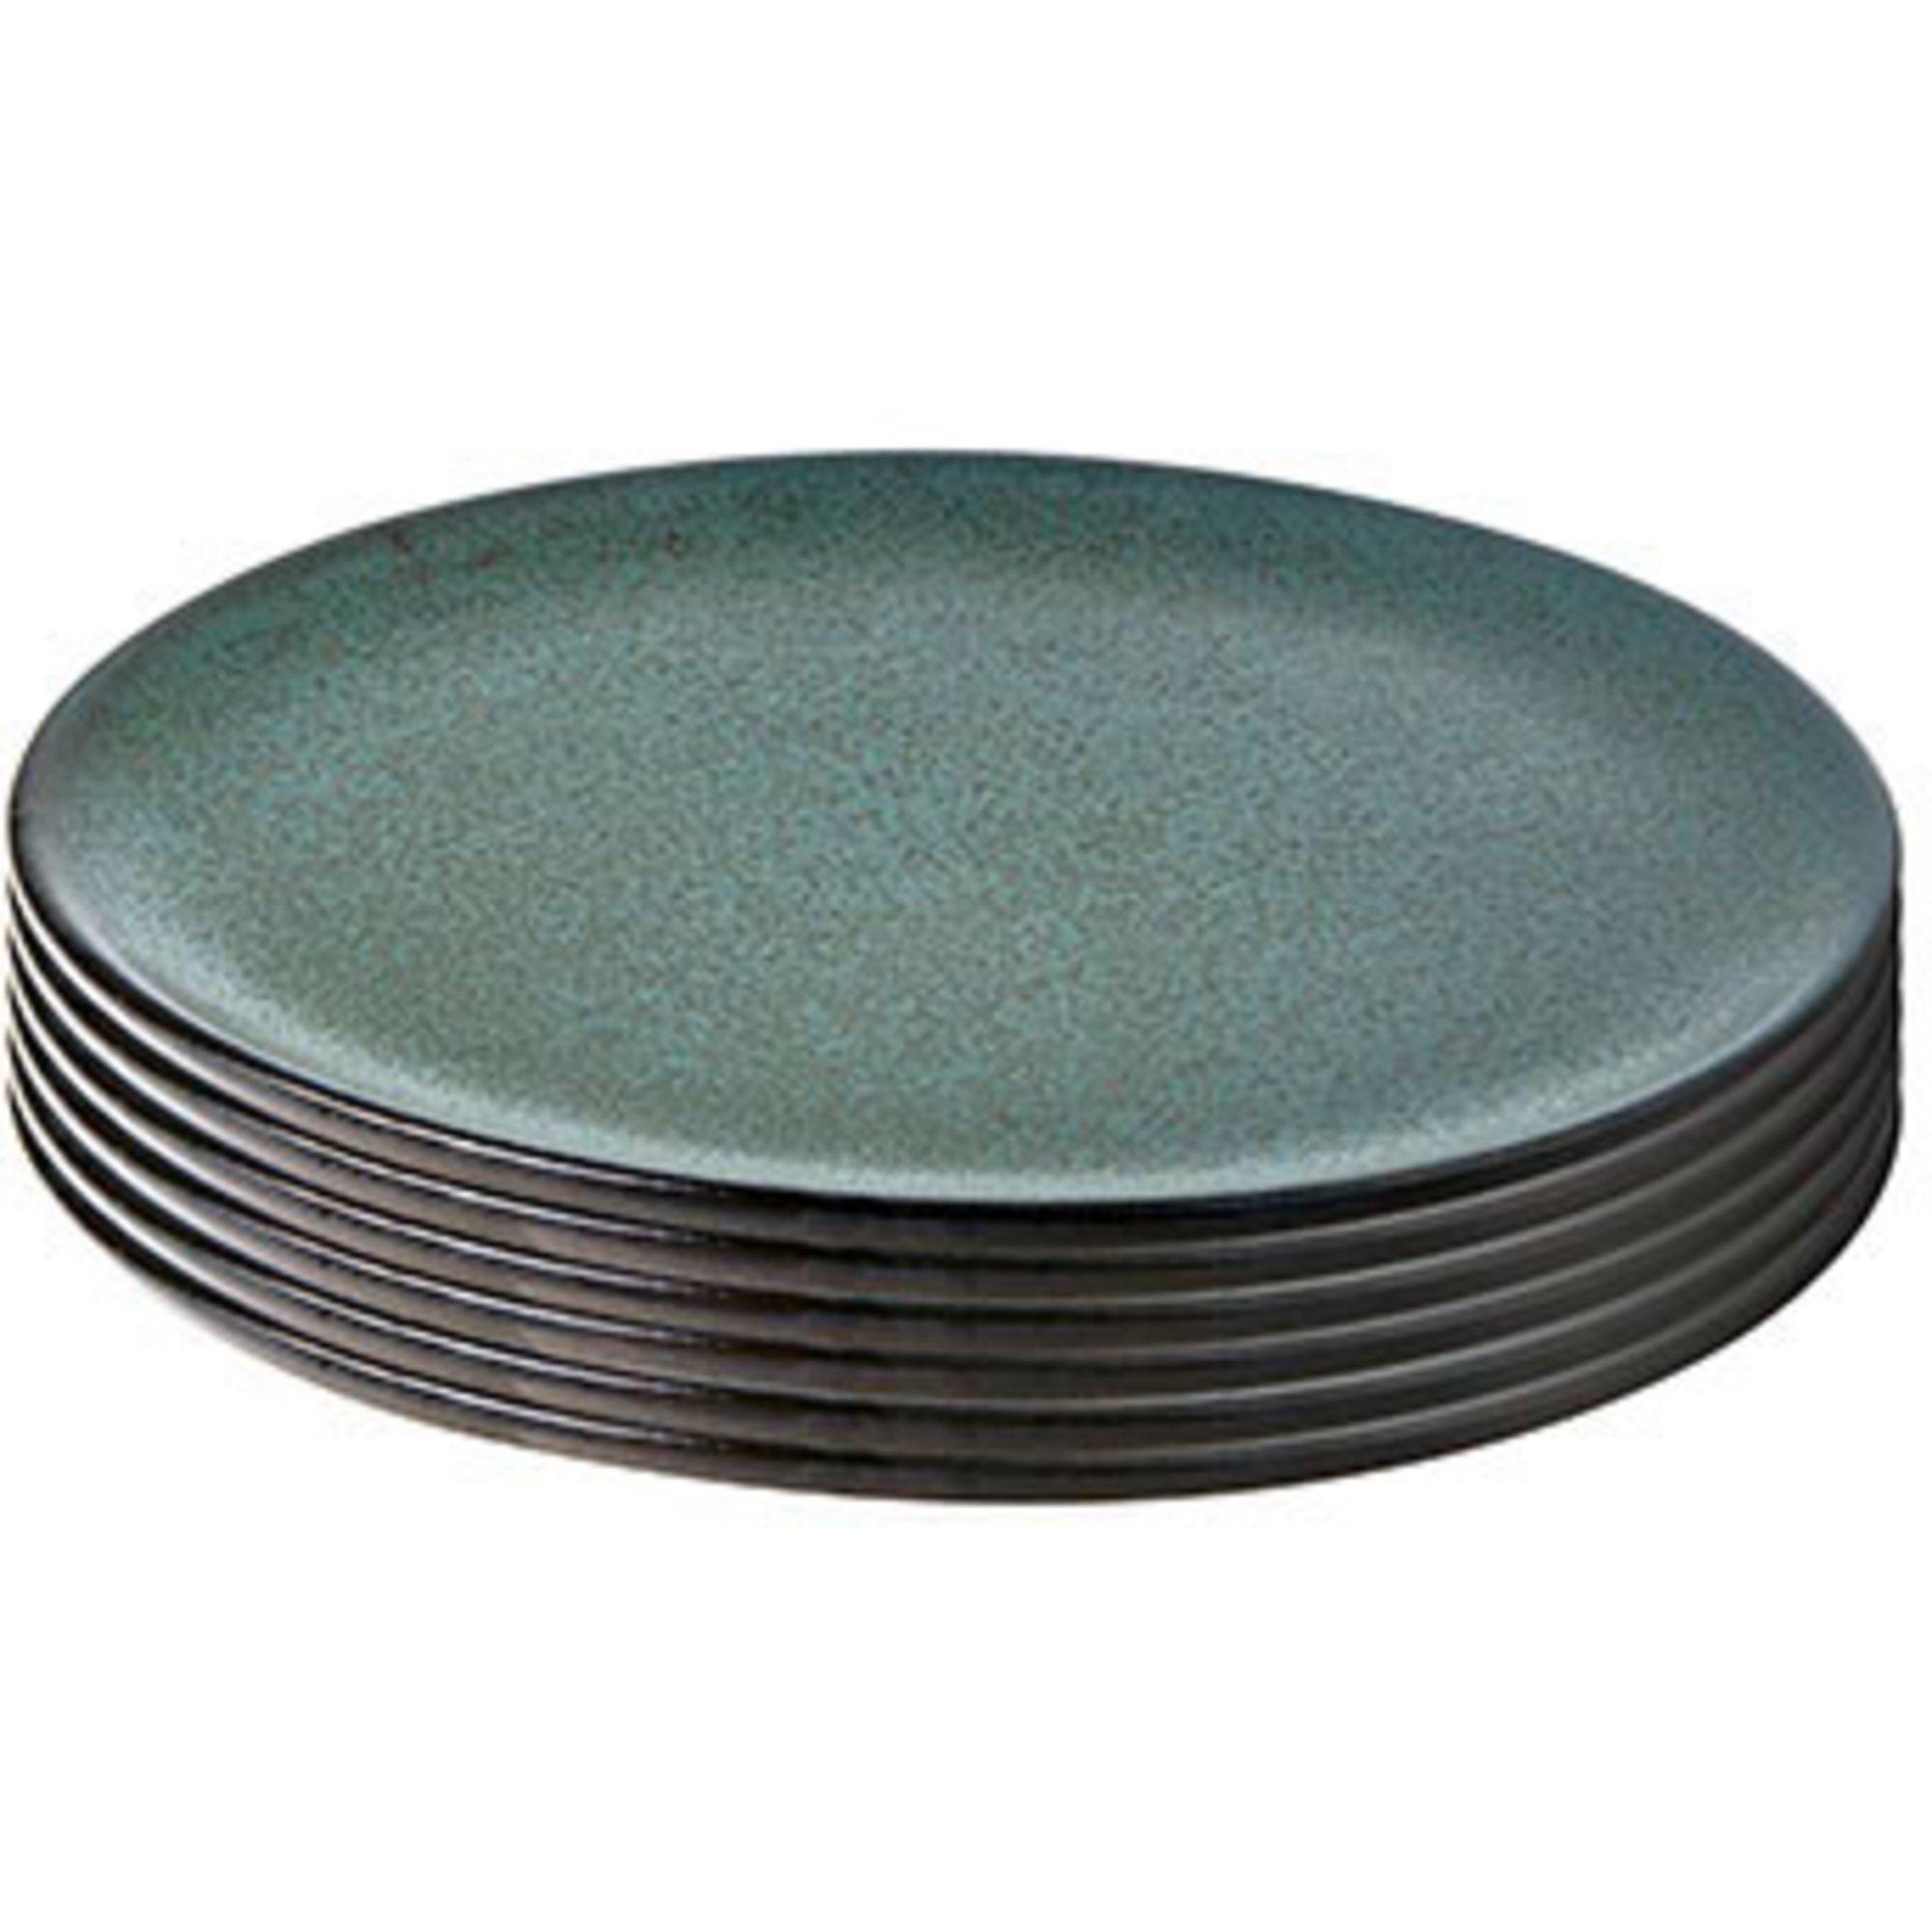 Bild på Aida RAW desserttallrik grön 20 cm. 6 st